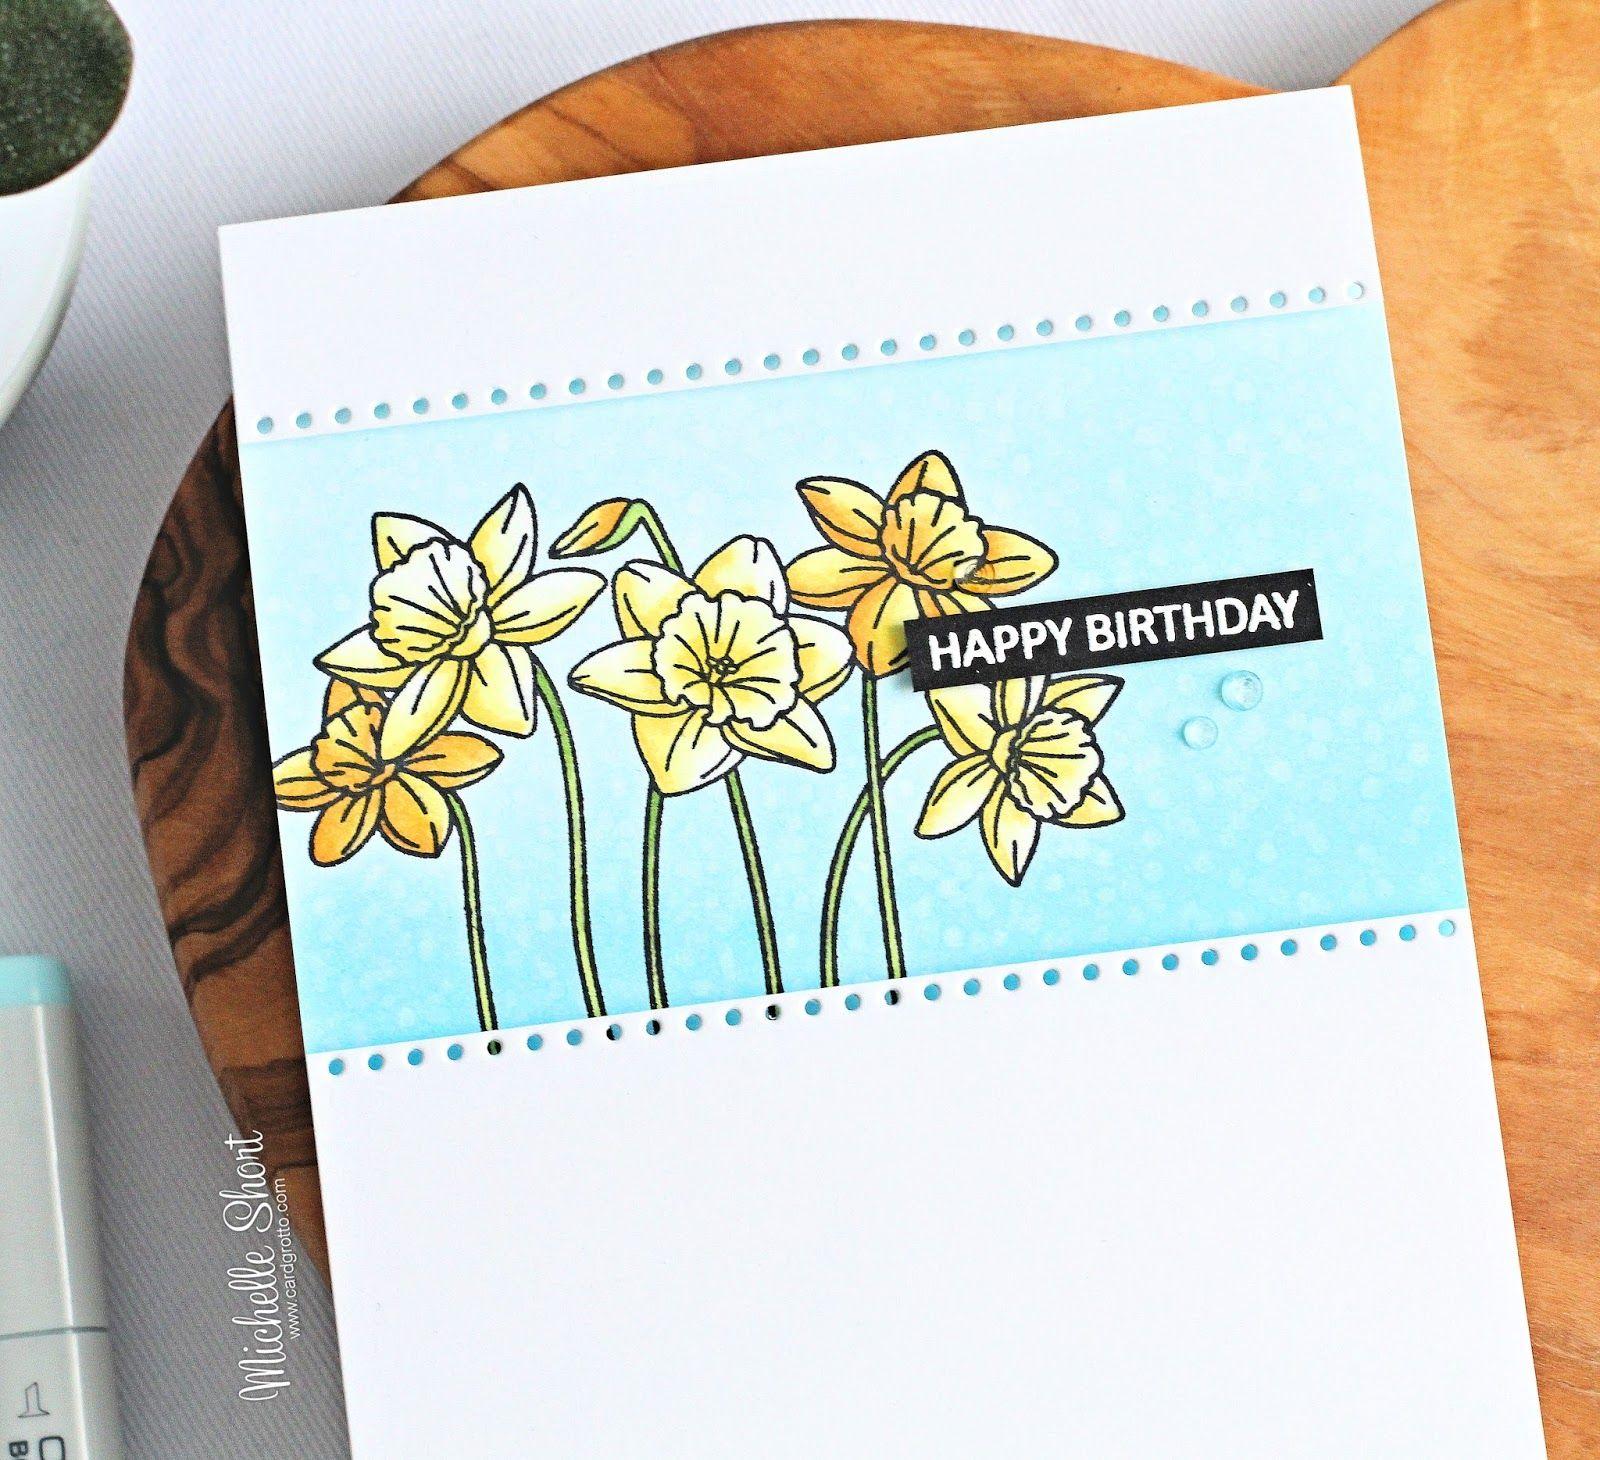 Copic Markers Daffodils Y38 Y35 Y17 Y15 Y13 Y11 Y00 Y000 Y0000 Stems G46 G34 Yg03 Background Copic Sketch Markers Sketch Markers Spring Mood .too|copic marker » ciao » tonacja y. copic markers daffodils y38 y35